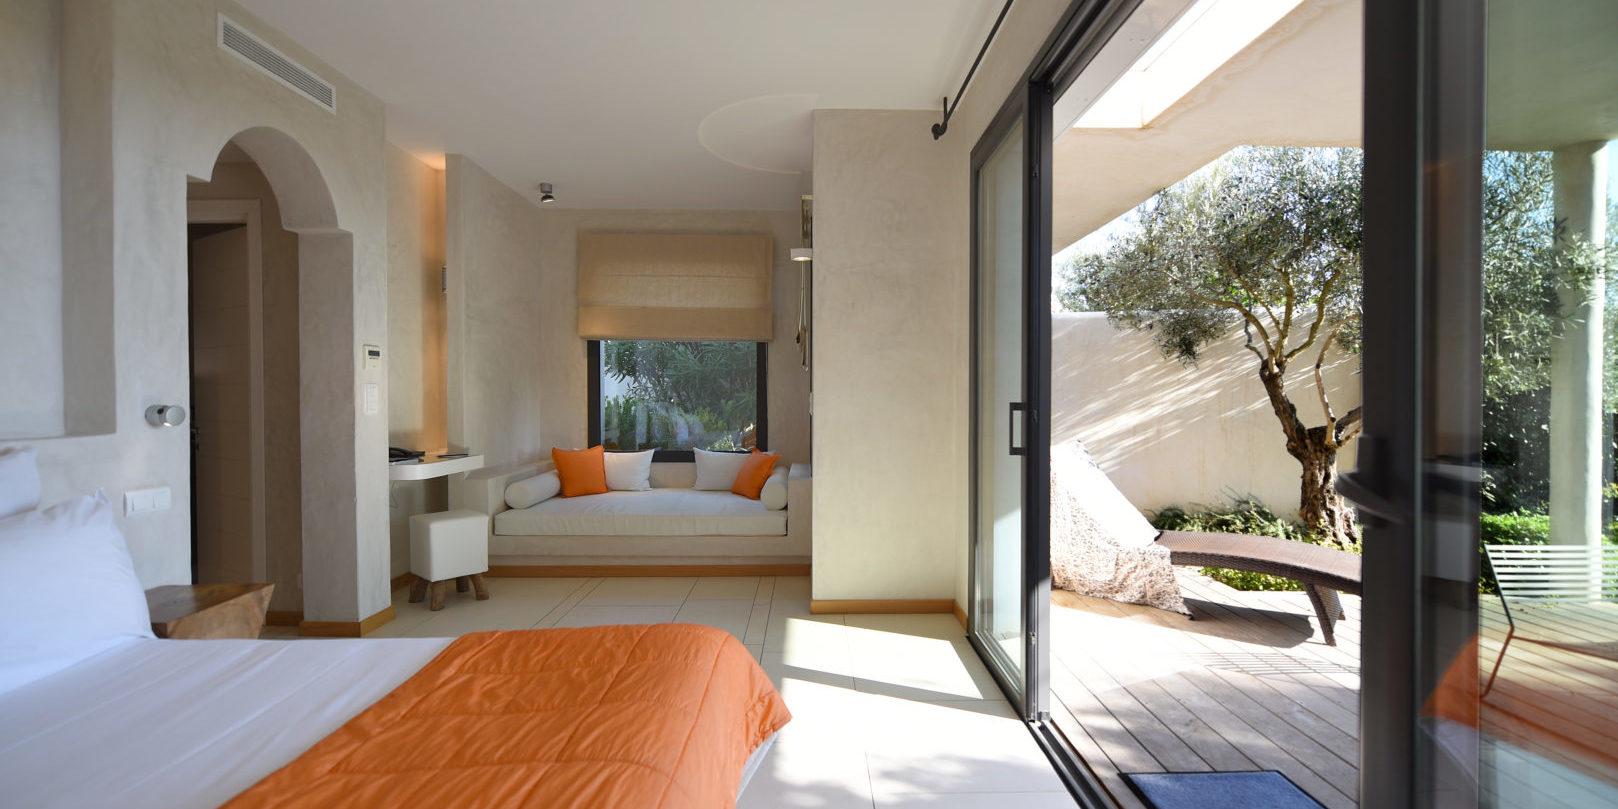 Hotel Cala di Greco Bonifacio Corsica Zuid-Corsica Frankrijk suite oranje-beddensprei